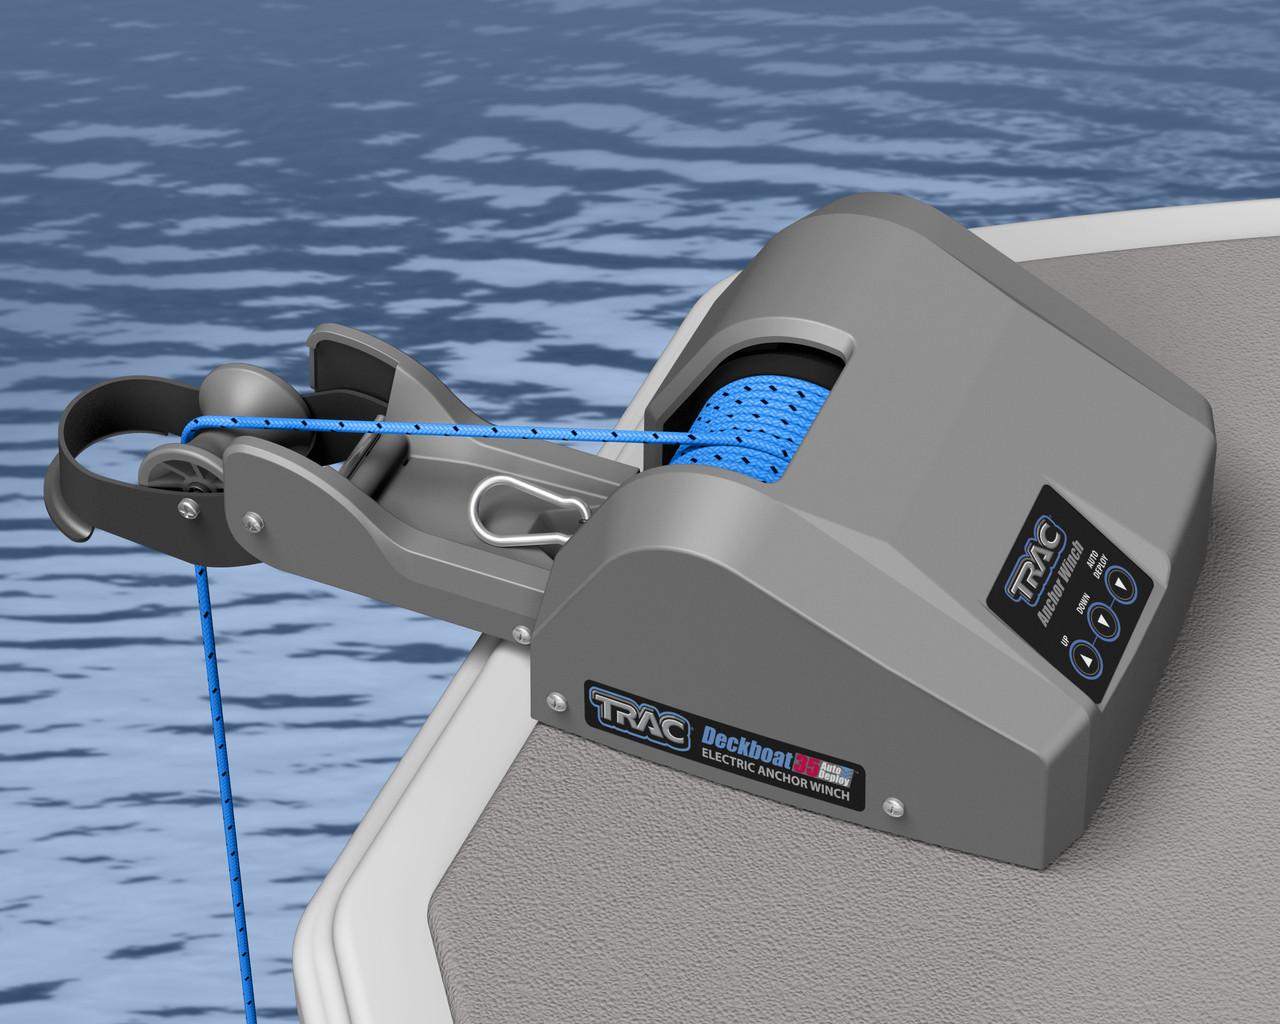 Trac Boot Marine Anker Winde Kabellose Fernbedienung für Fischer 25 /& Pontoon 35